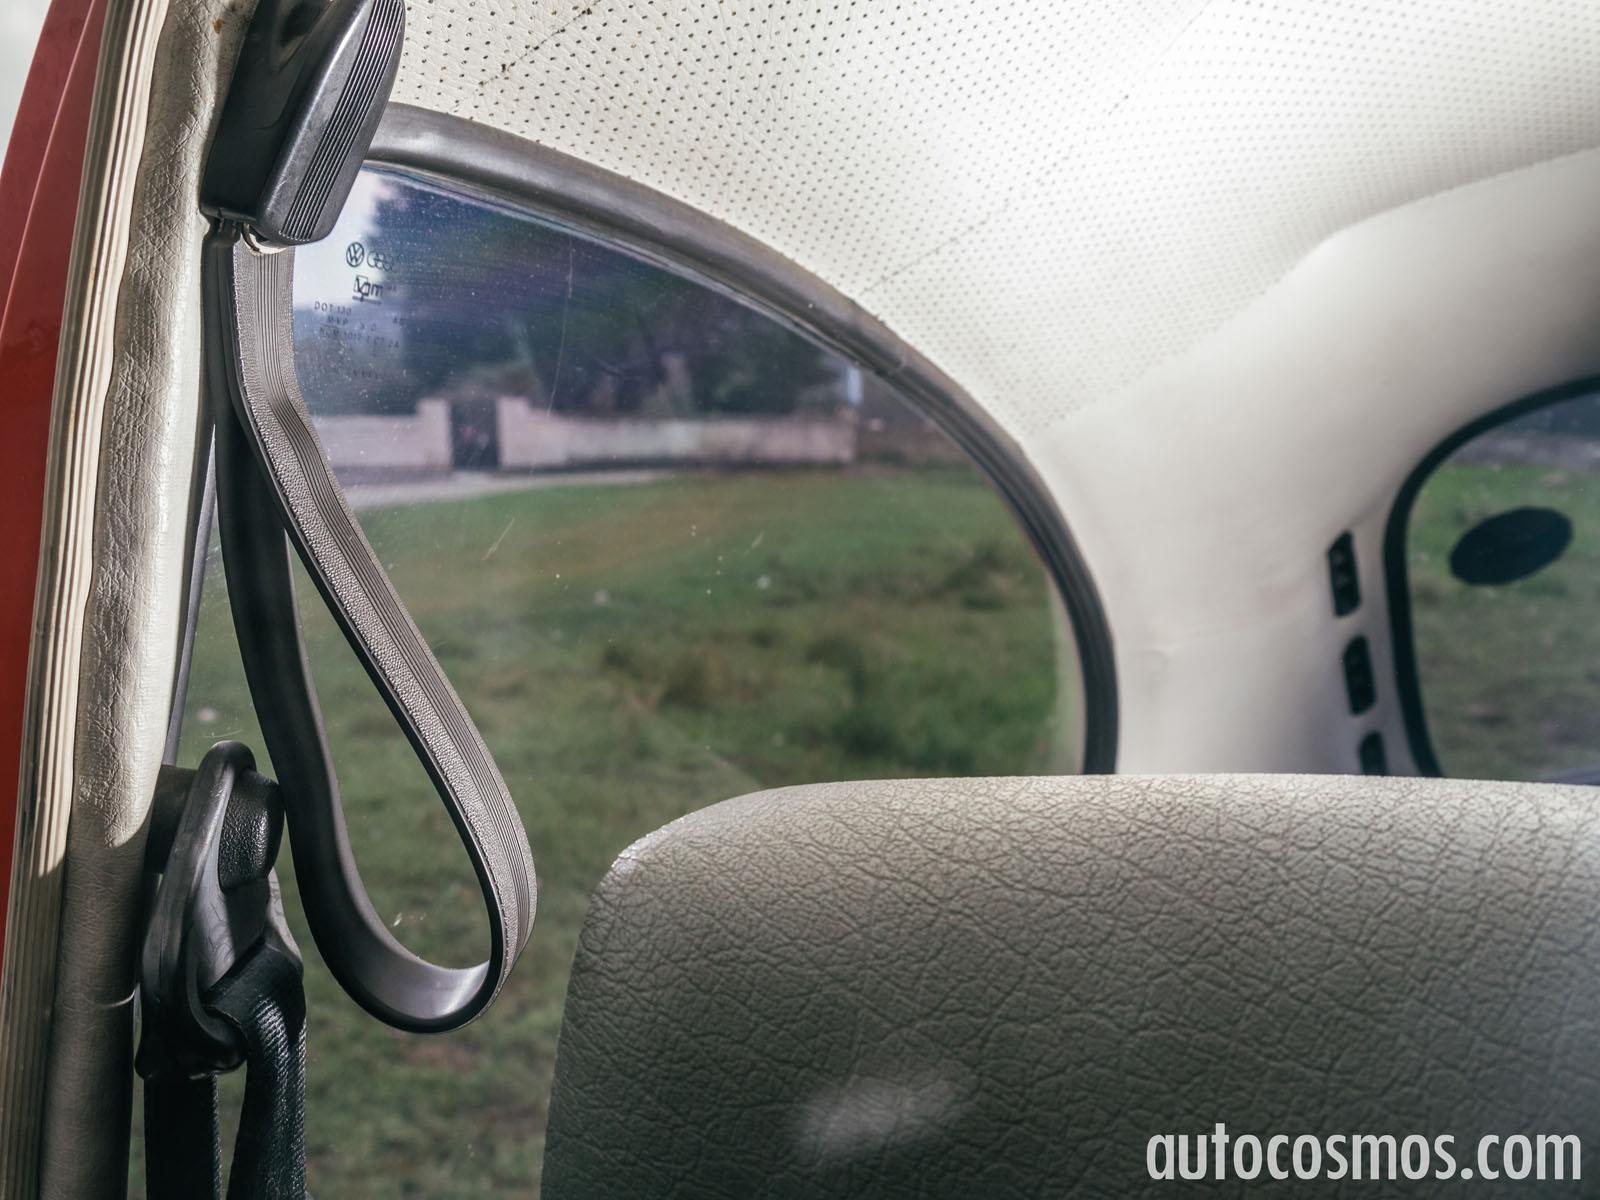 Volkswagen Beetle, precio del catálogo y cotizaciones.